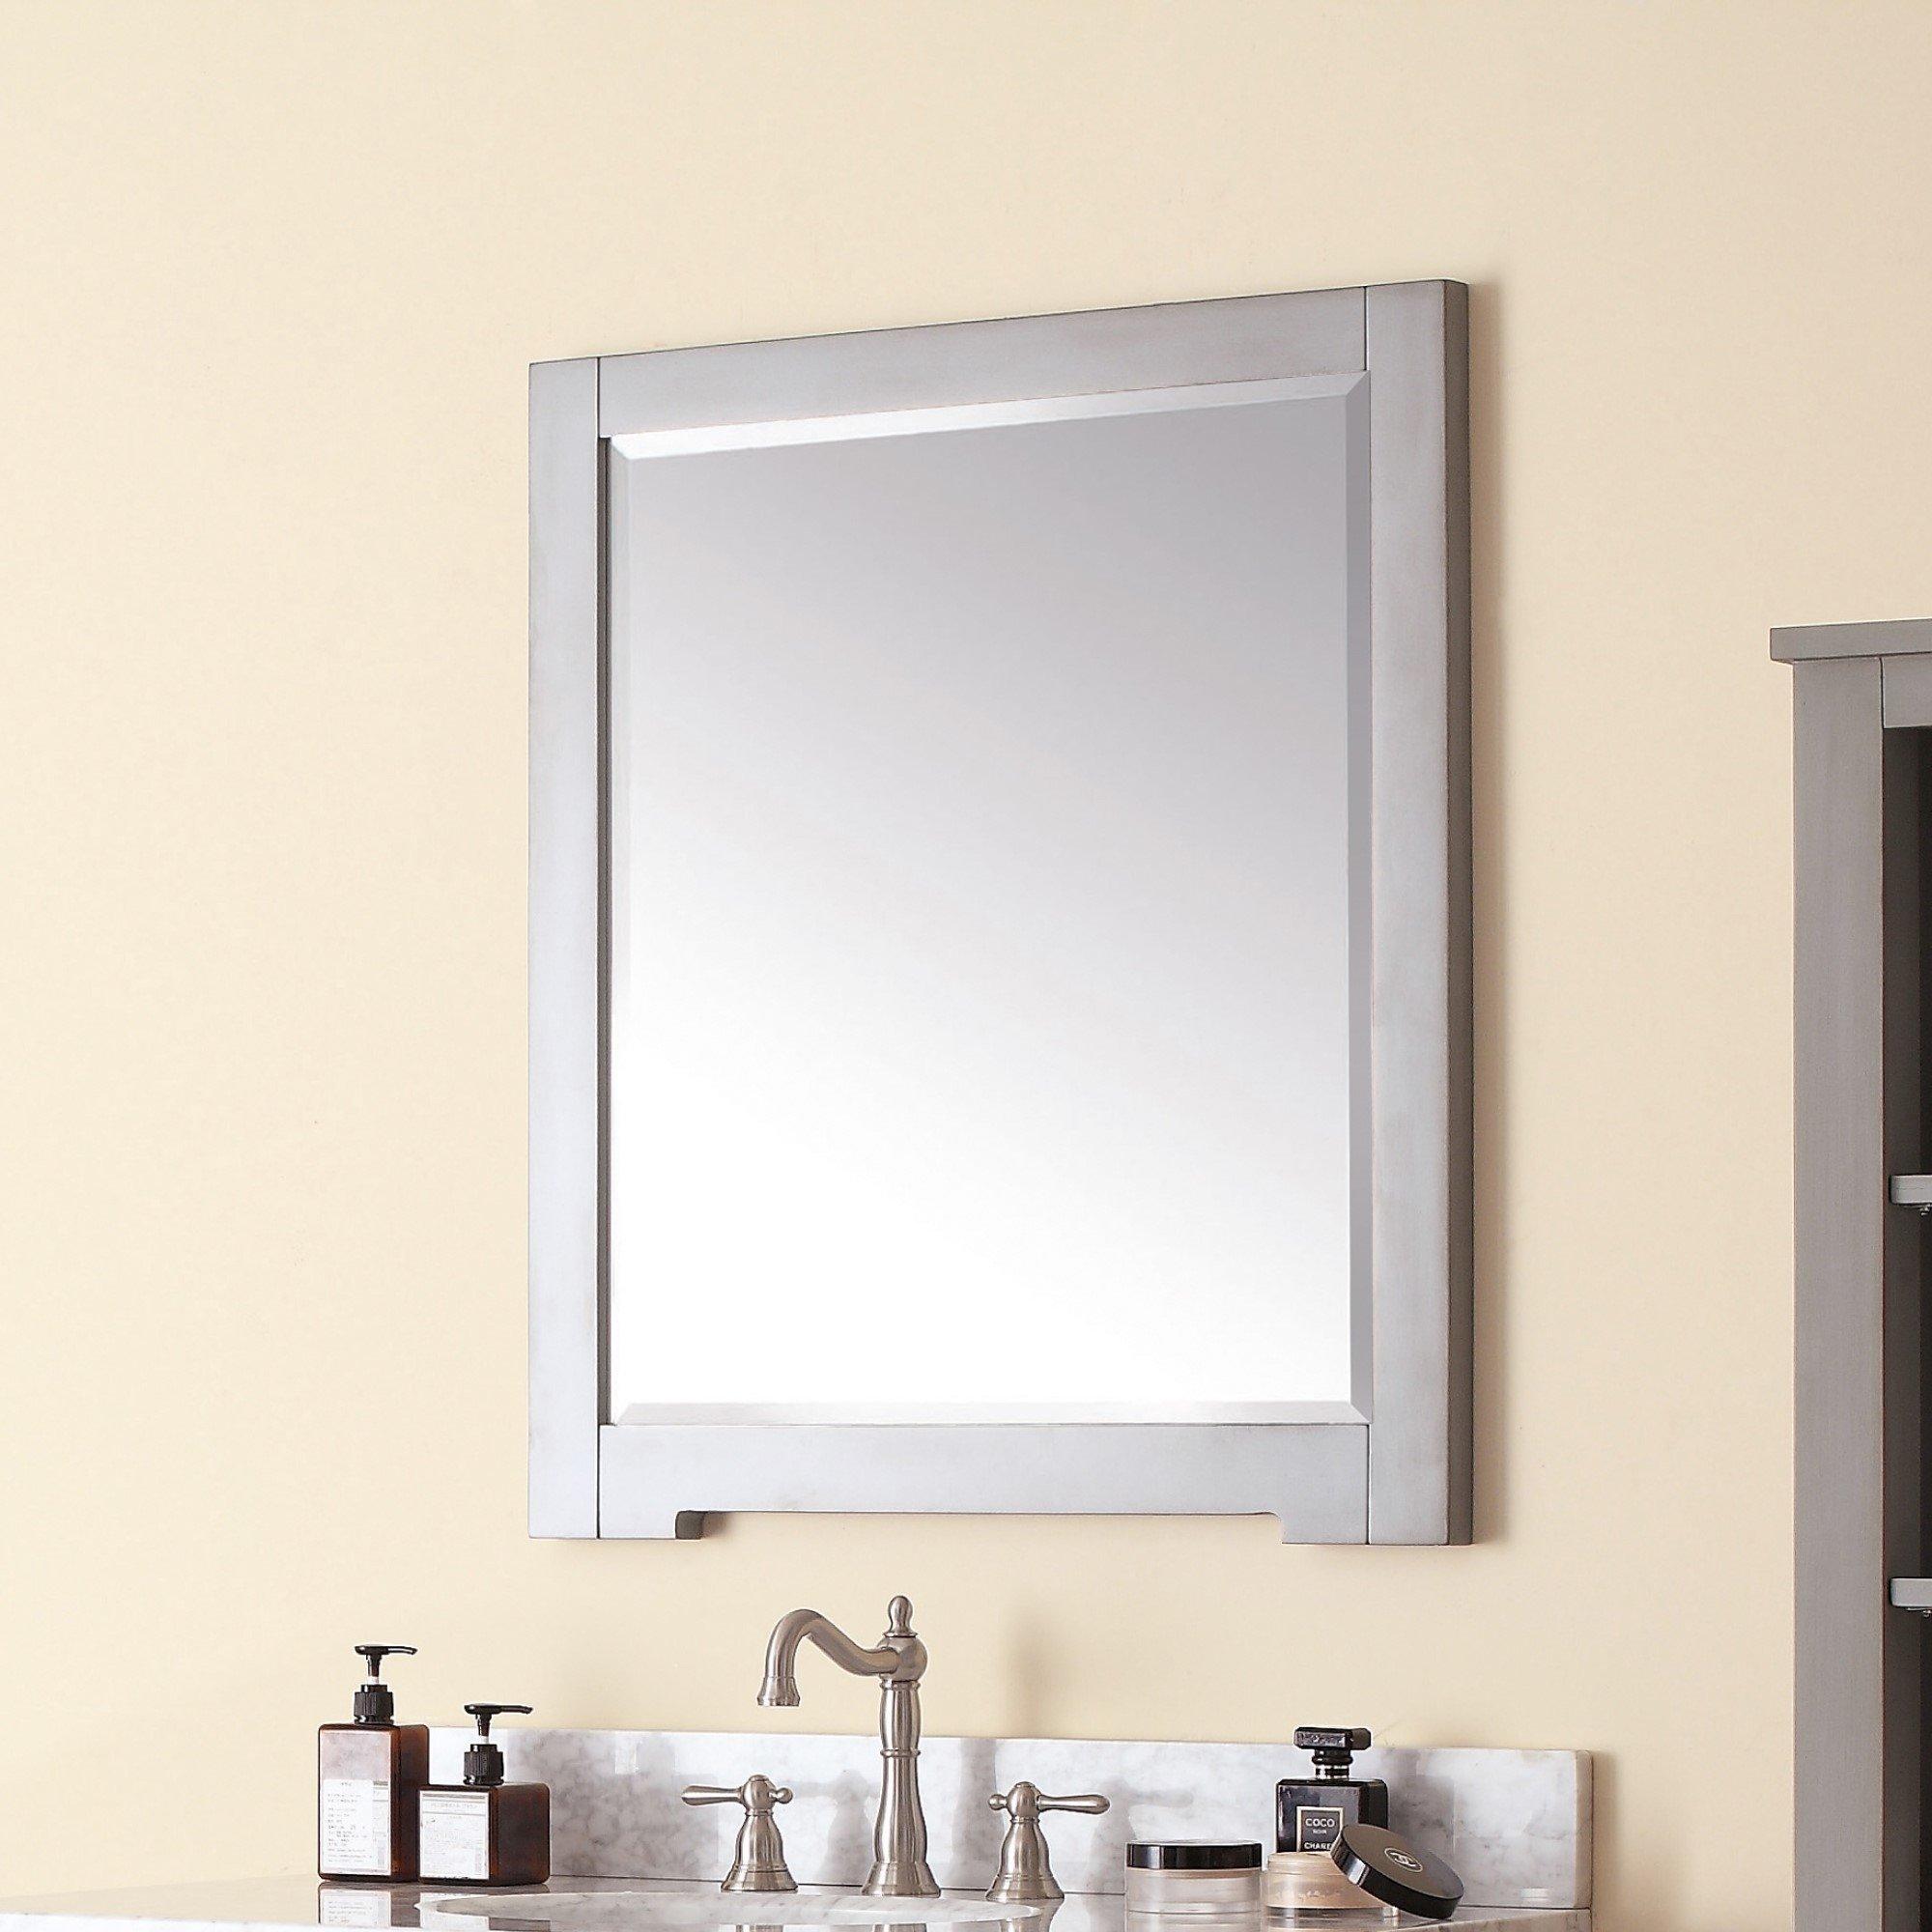 Avanity Kelly 28 In Wall Mirror Grey Blue Grayish Blue 28 W